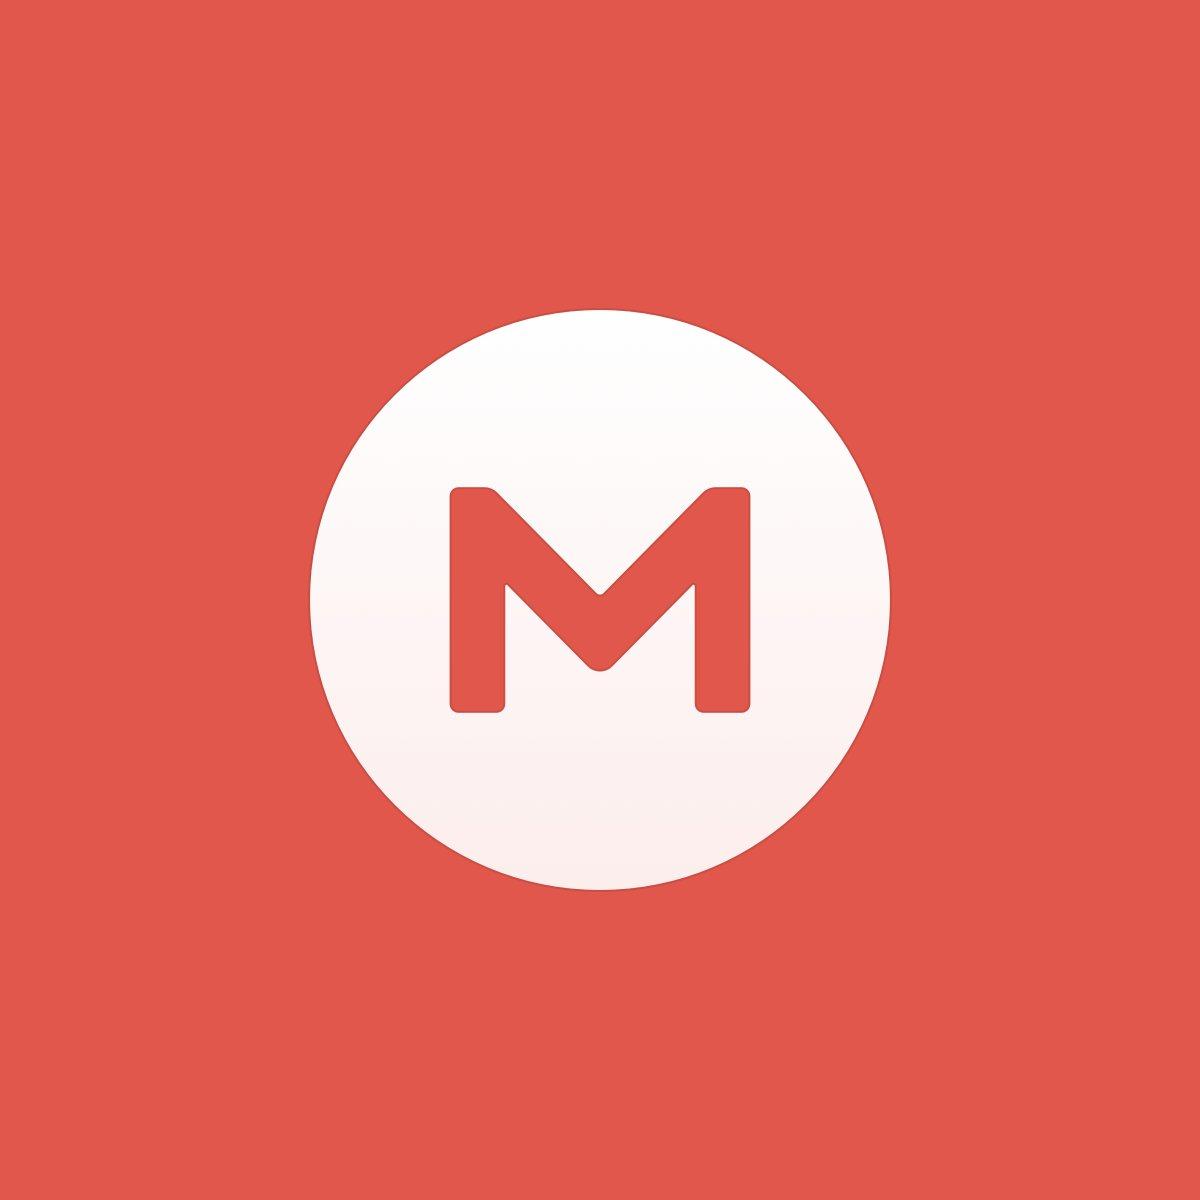 MEGA, 87GB Boyutunda Kullanıcı Verisi Sızdırdı